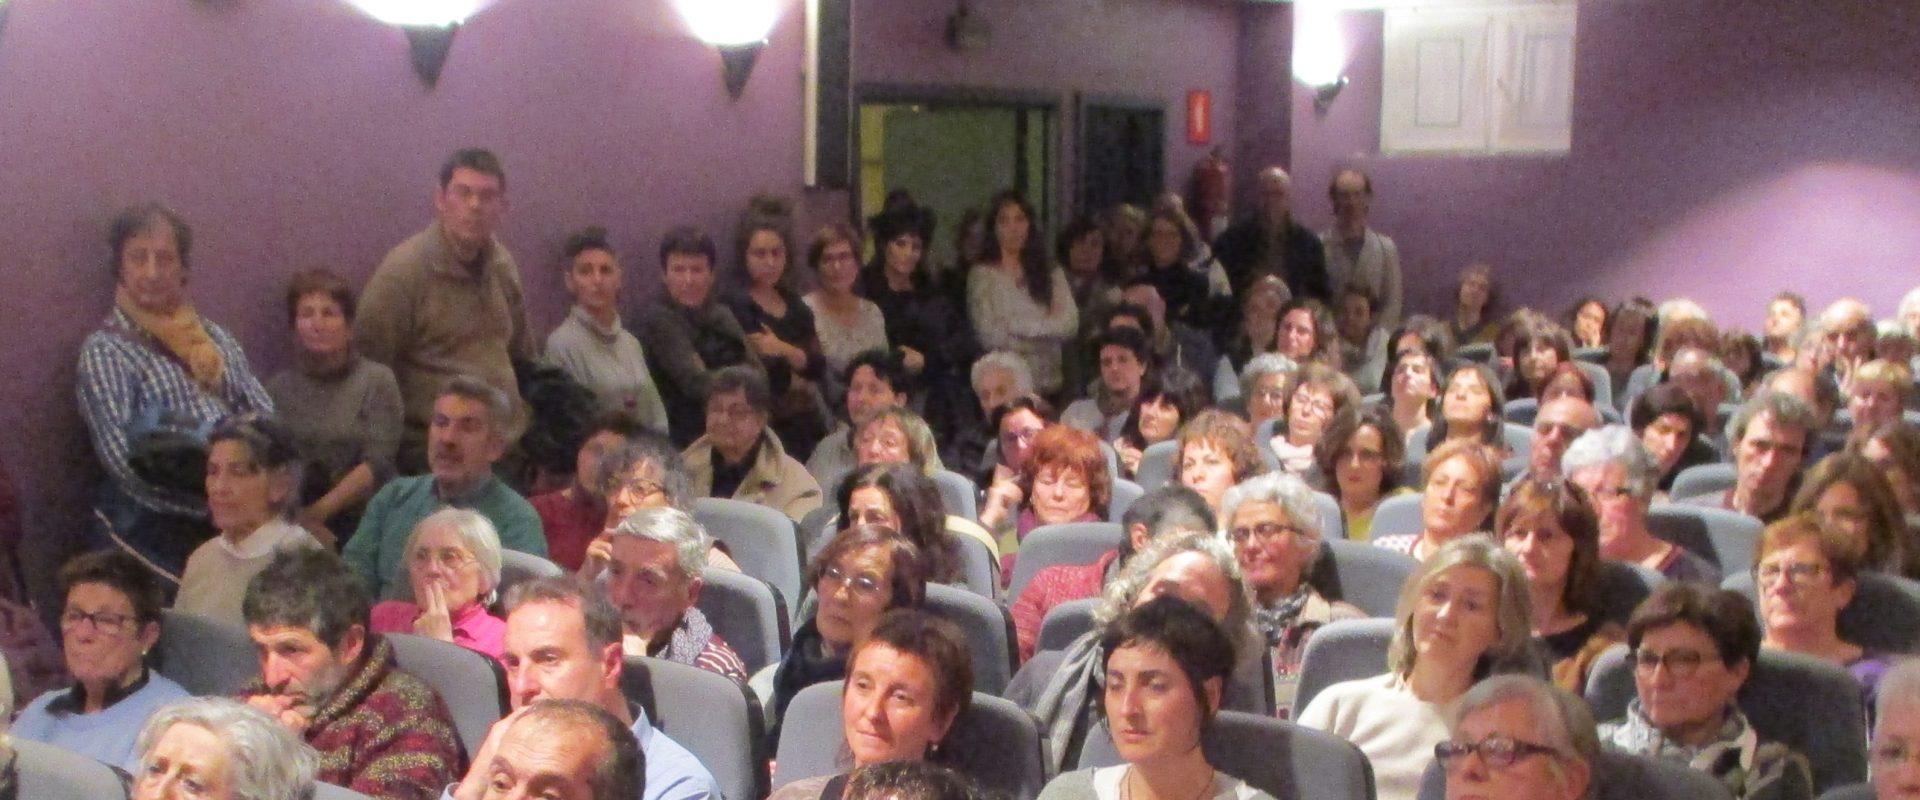 agenda: Conferencia Donostia